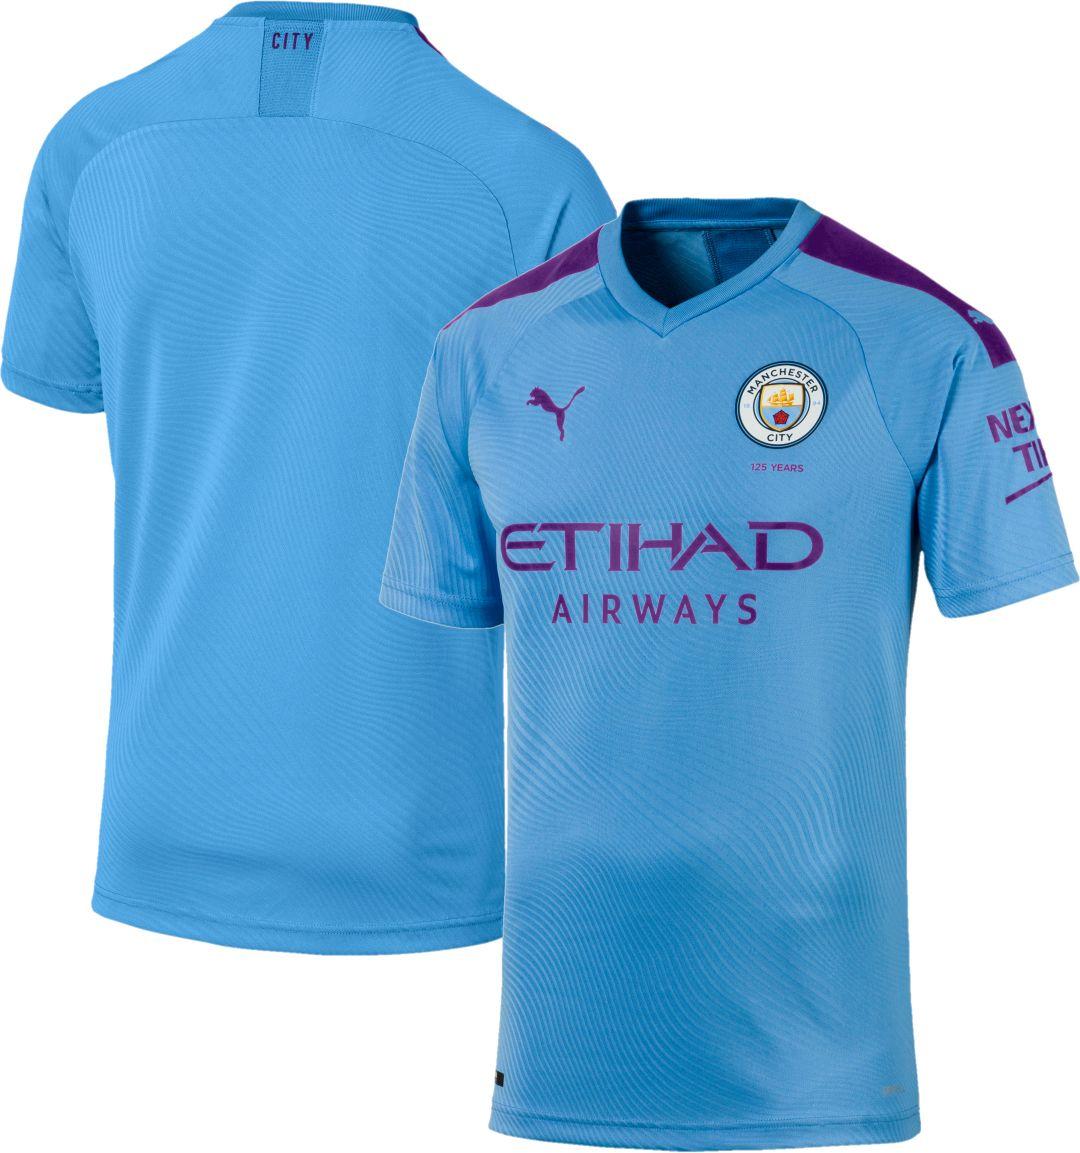 timeless design cead3 cb46c PUMA Men's Manchester City '19 Stadium Home Match Jersey